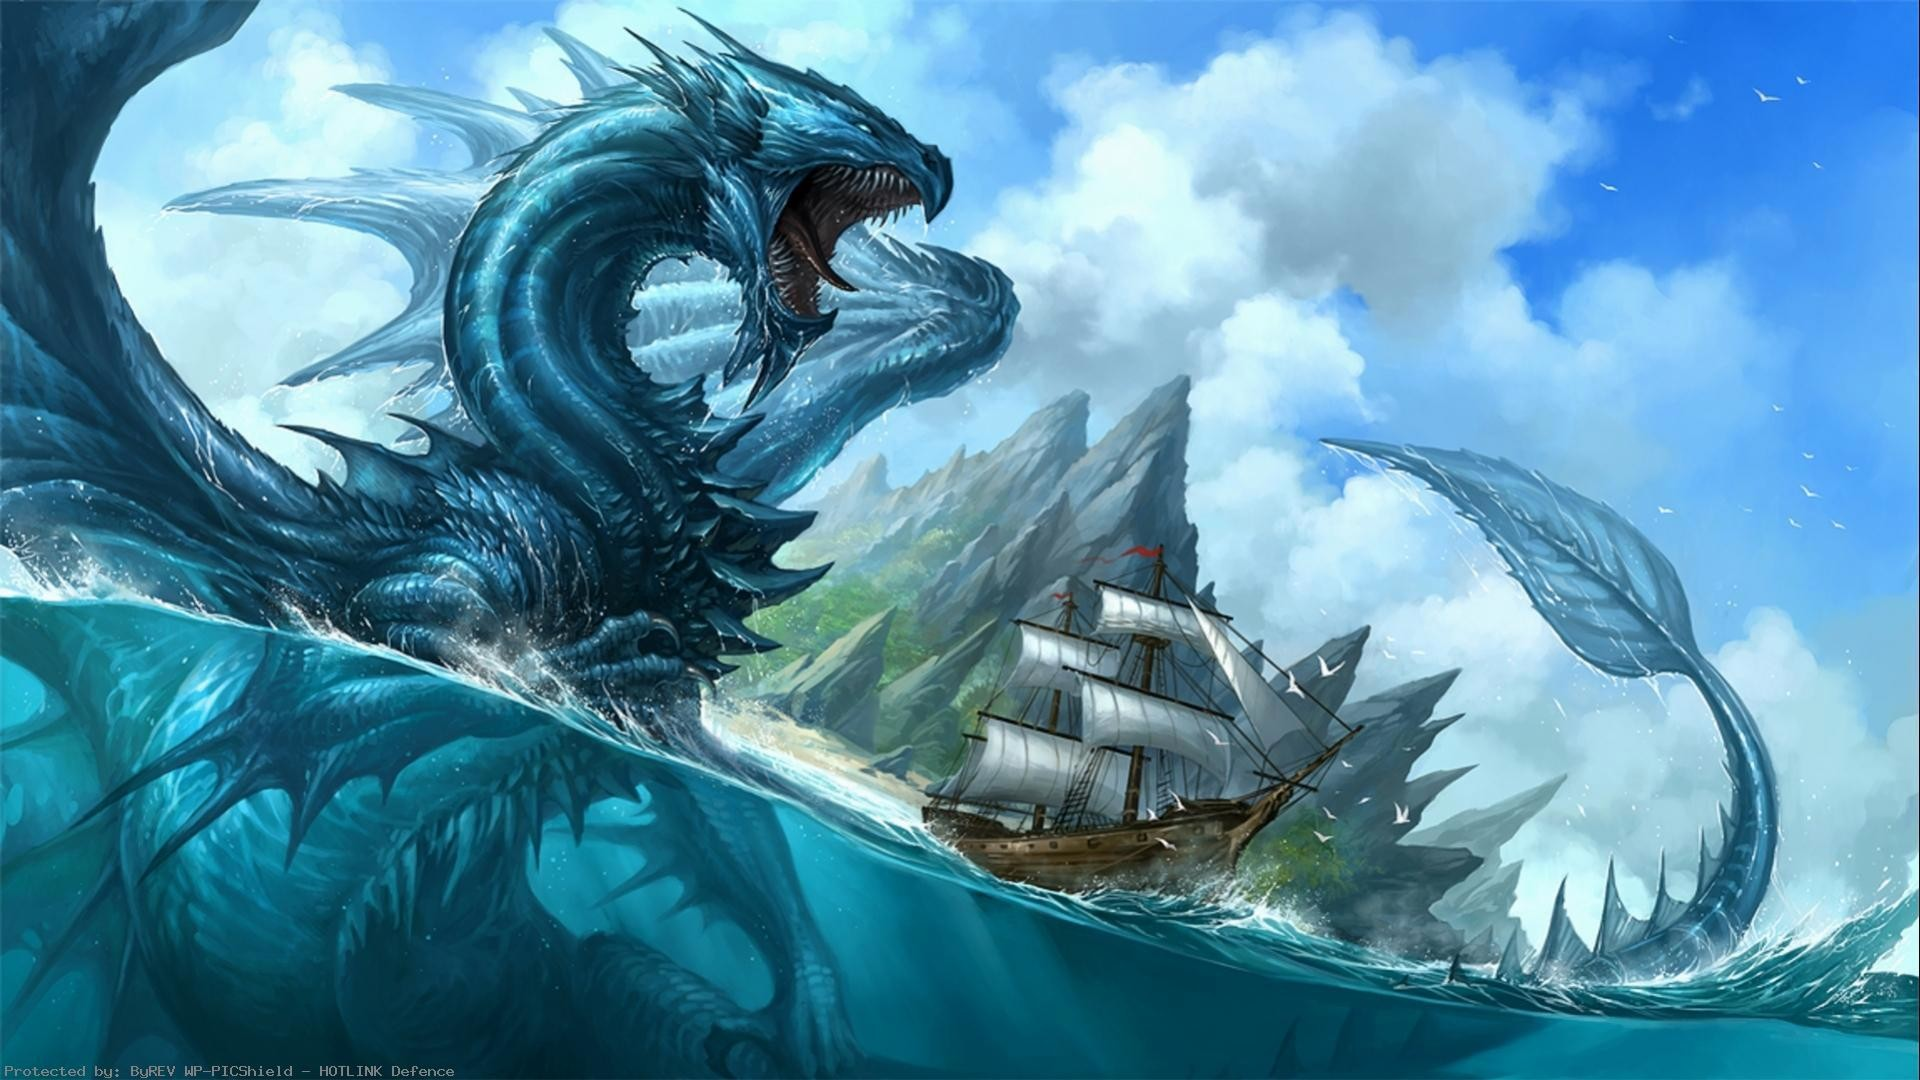 water-dragon-Google-Search-wallpaper-wp38011900